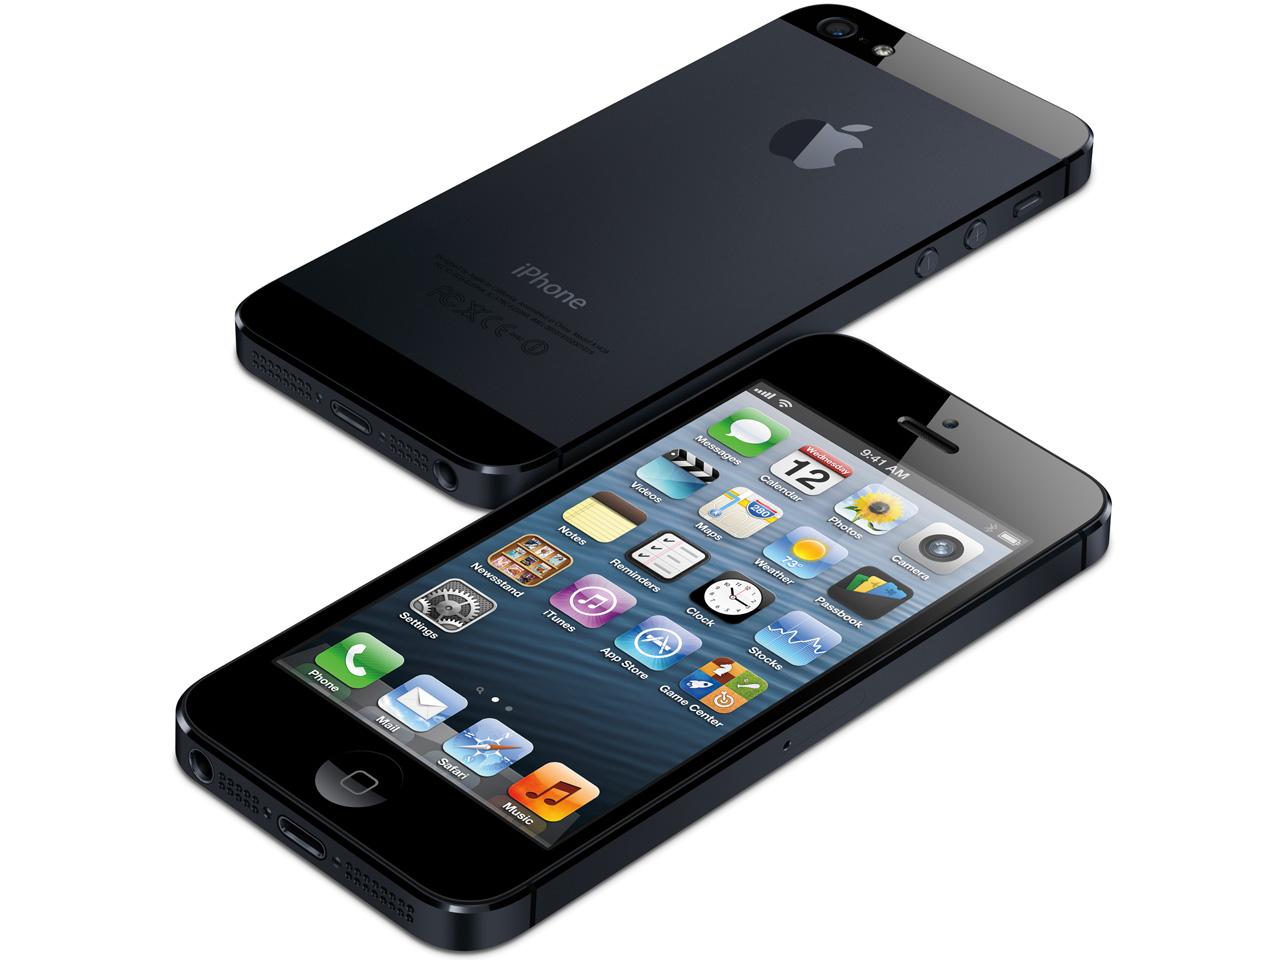 『本体』 iPhone 5 64GB SoftBank [ブラック&スレート] の製品画像